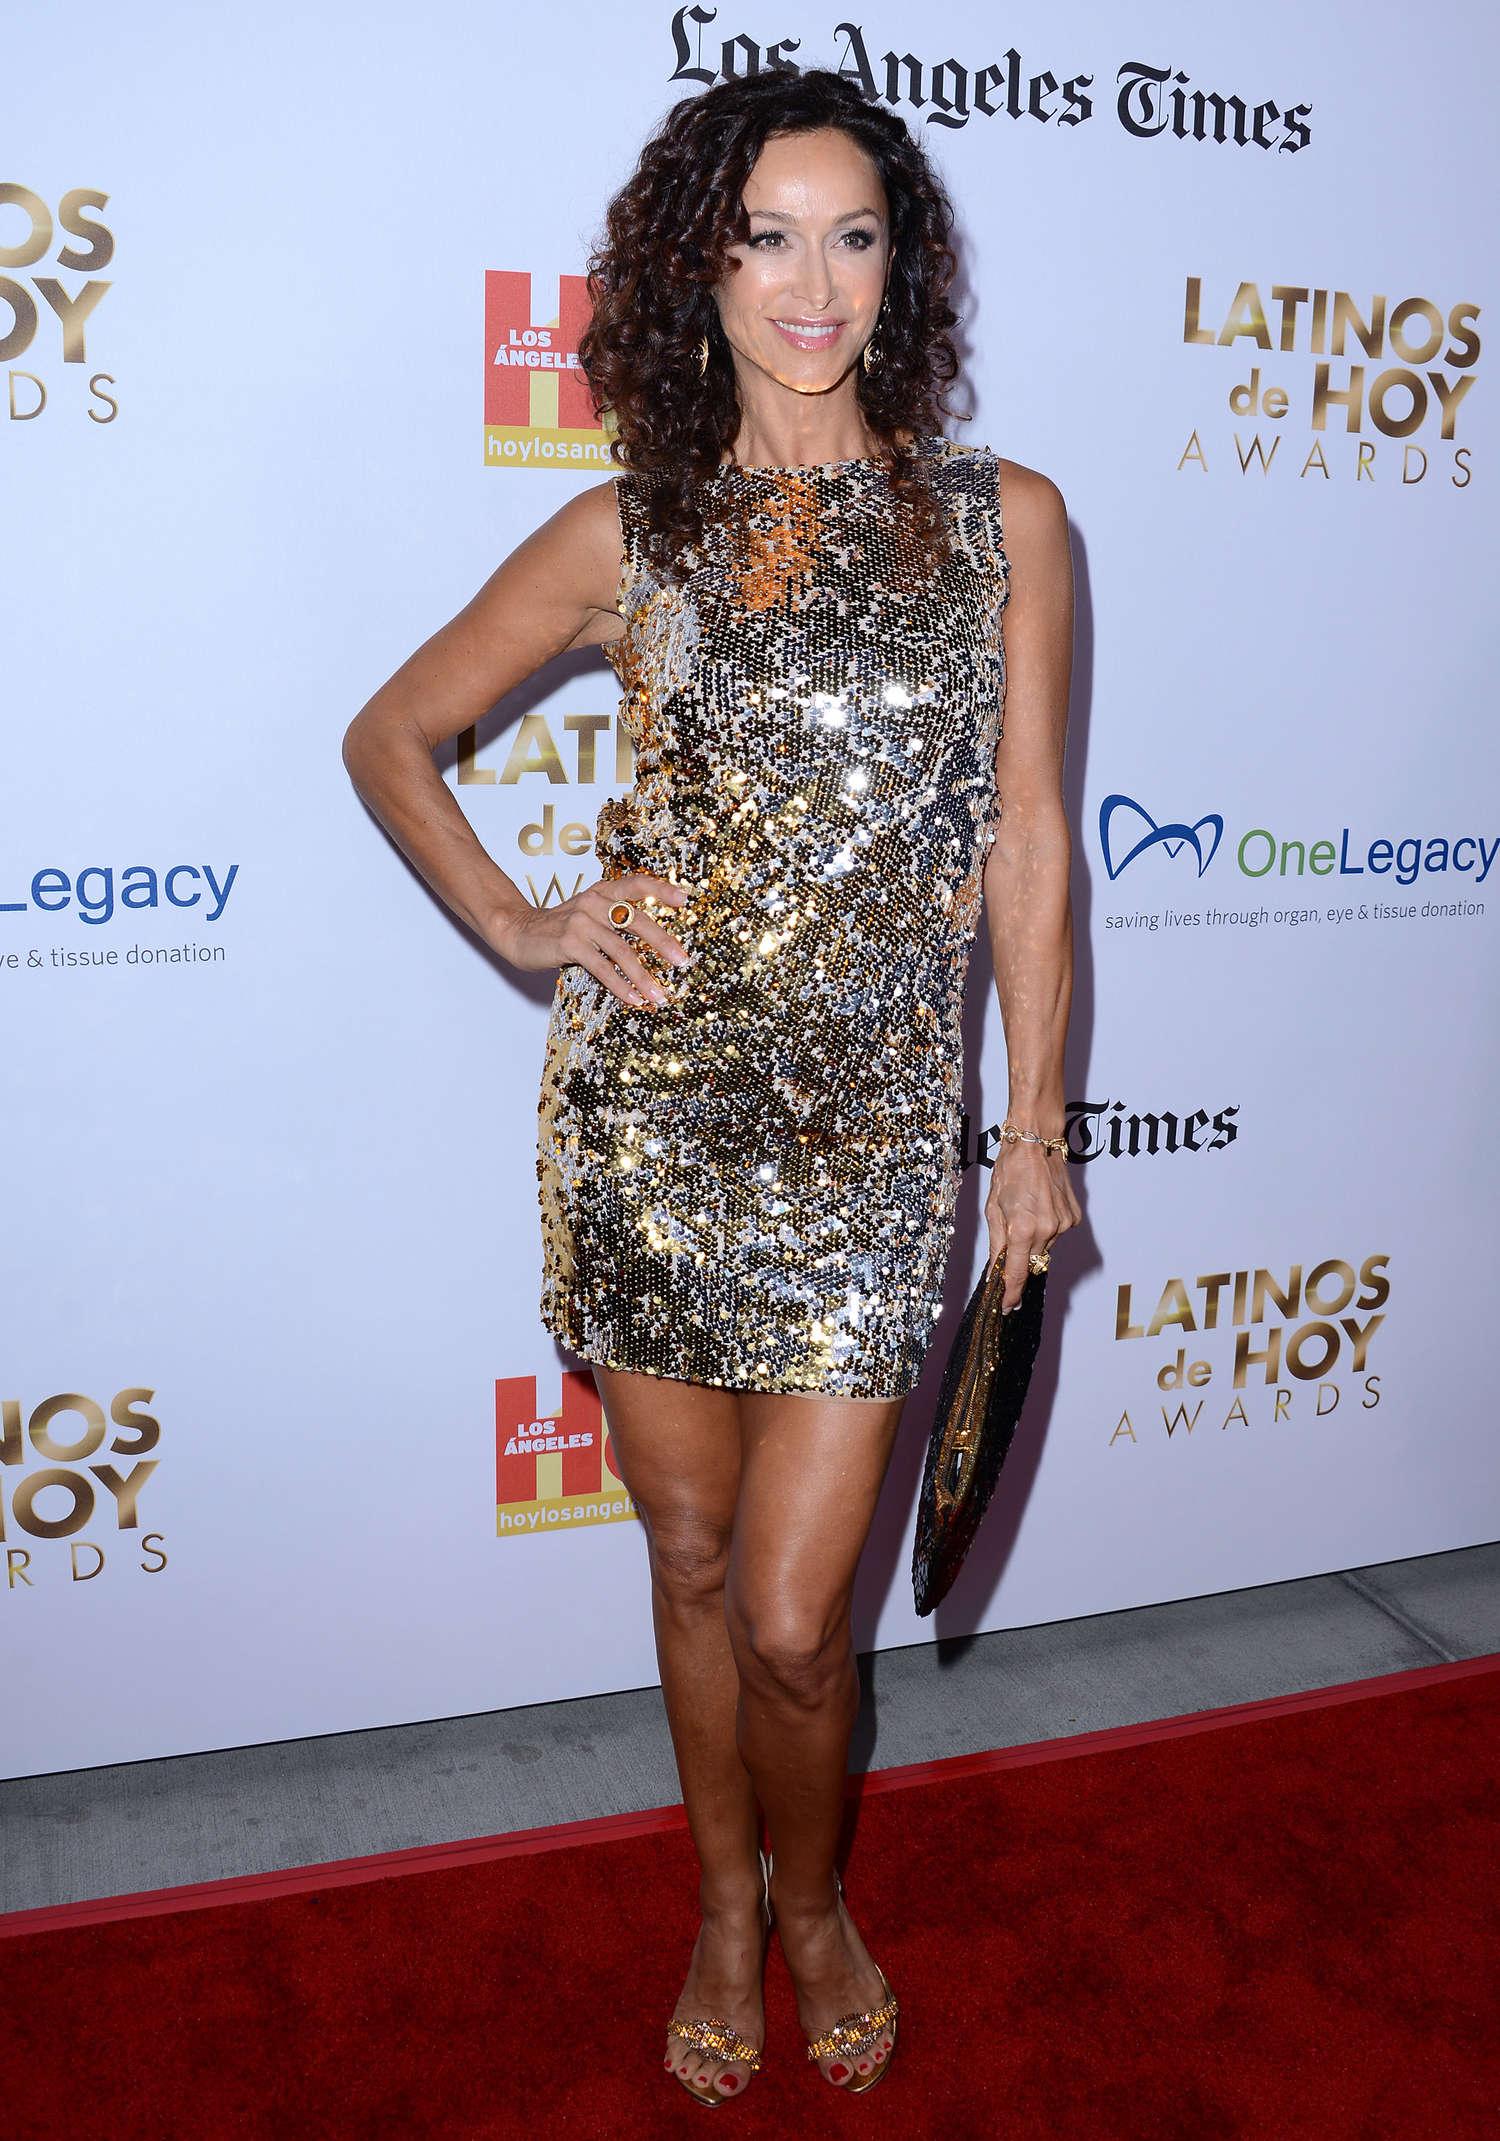 Sofia Milos 2013 : Sofia Milos: Latinos de Hoy Awards 2013 -09